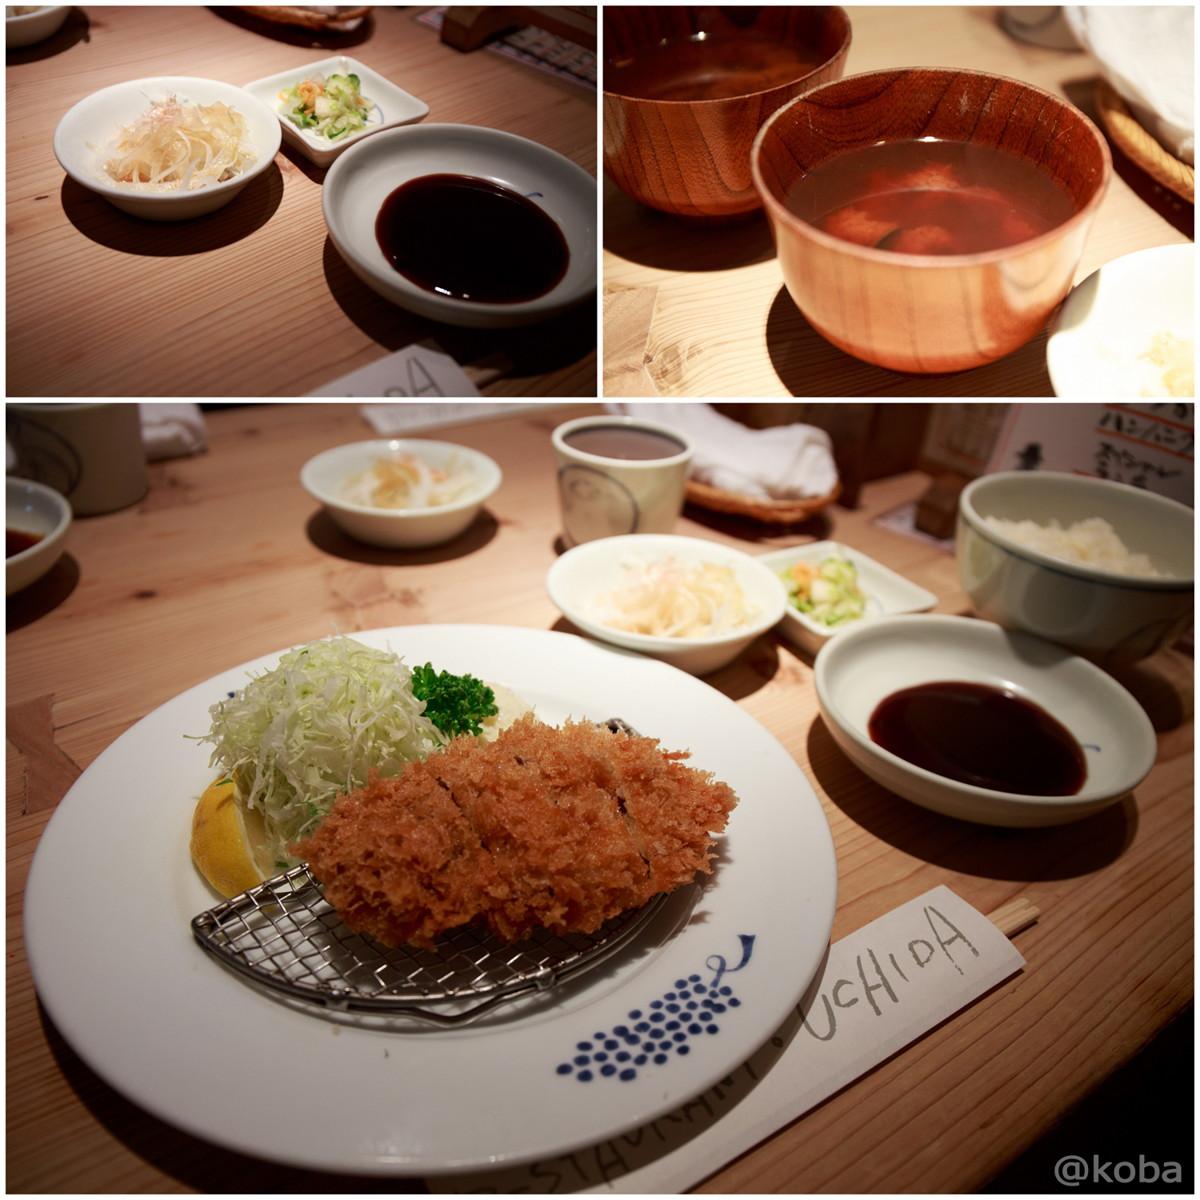 ビーフカツ 1,000円 (ご飯 赤出汁シジミの味噌汁 お新香 デザート付き)